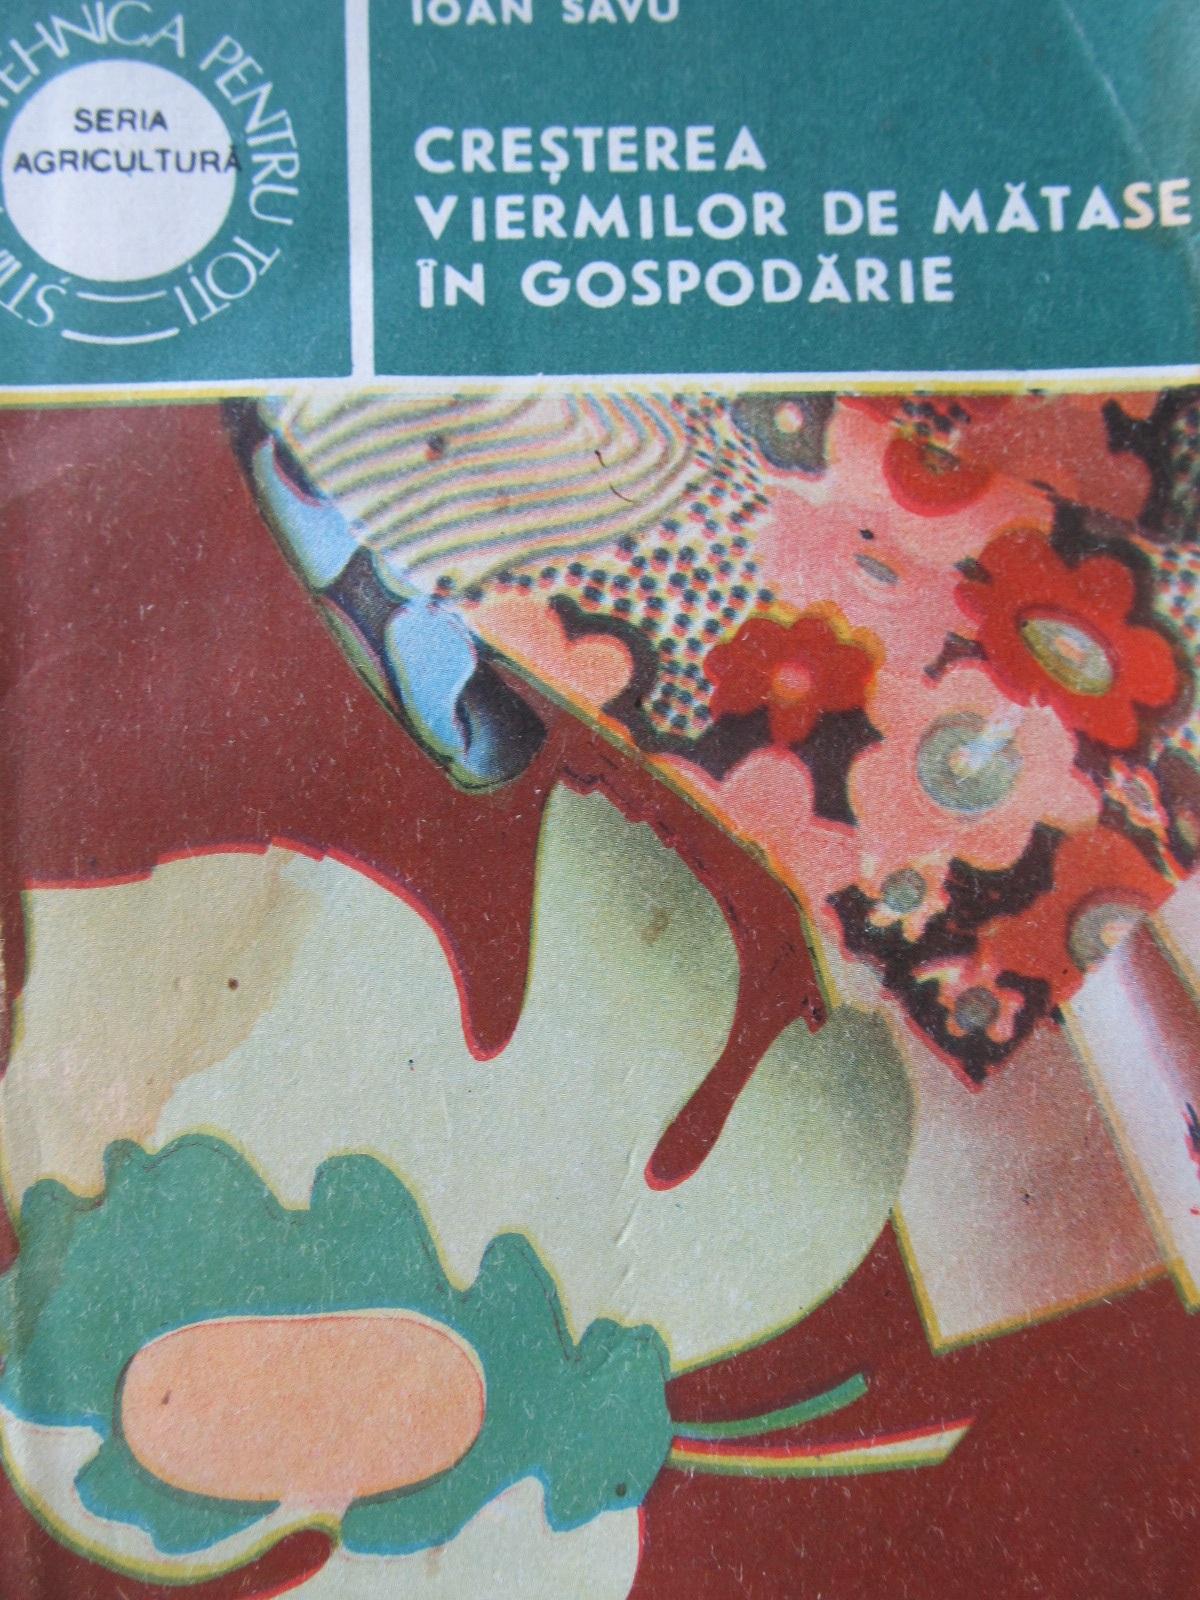 Cresterea viermilor de matase in gospodarie - Ioan Savu | Detalii carte